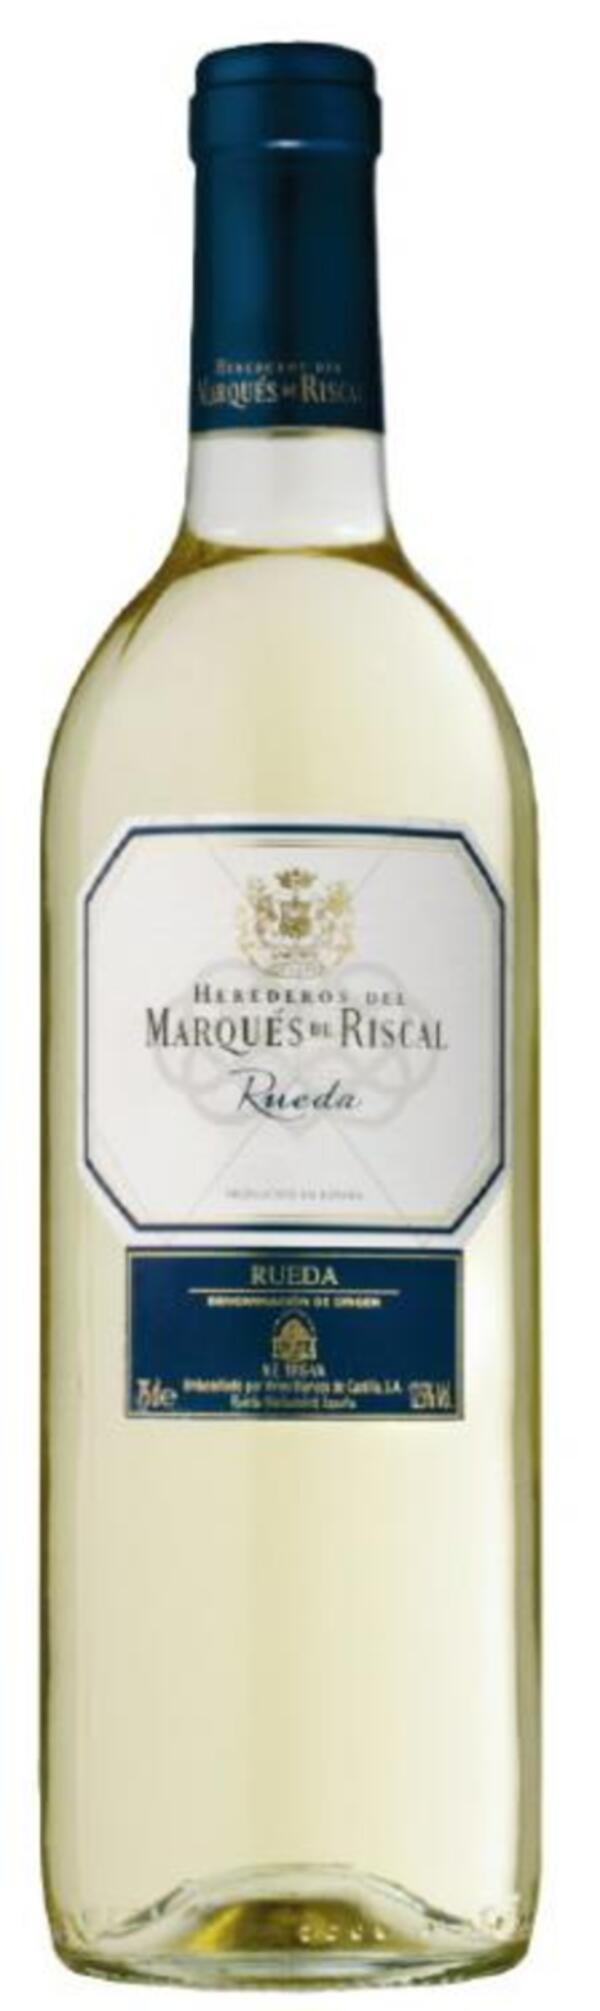 Marqués de Riscal Blanco 2017 0,75 ltr